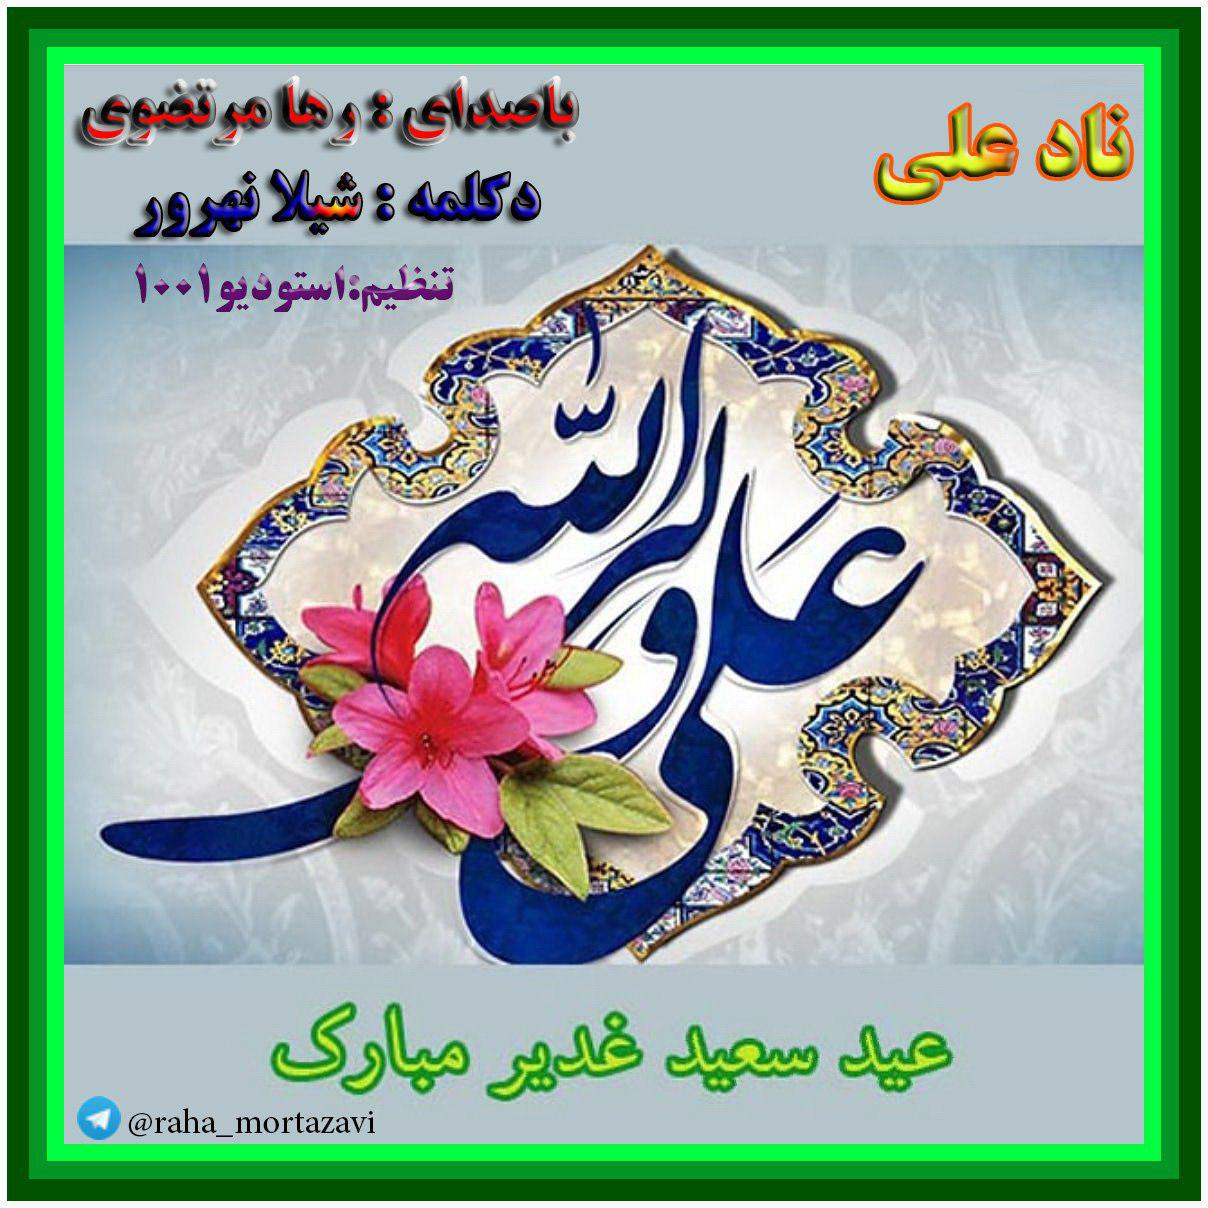 دانلود آهنگ جدید رها مرتضوی ناد علی 2